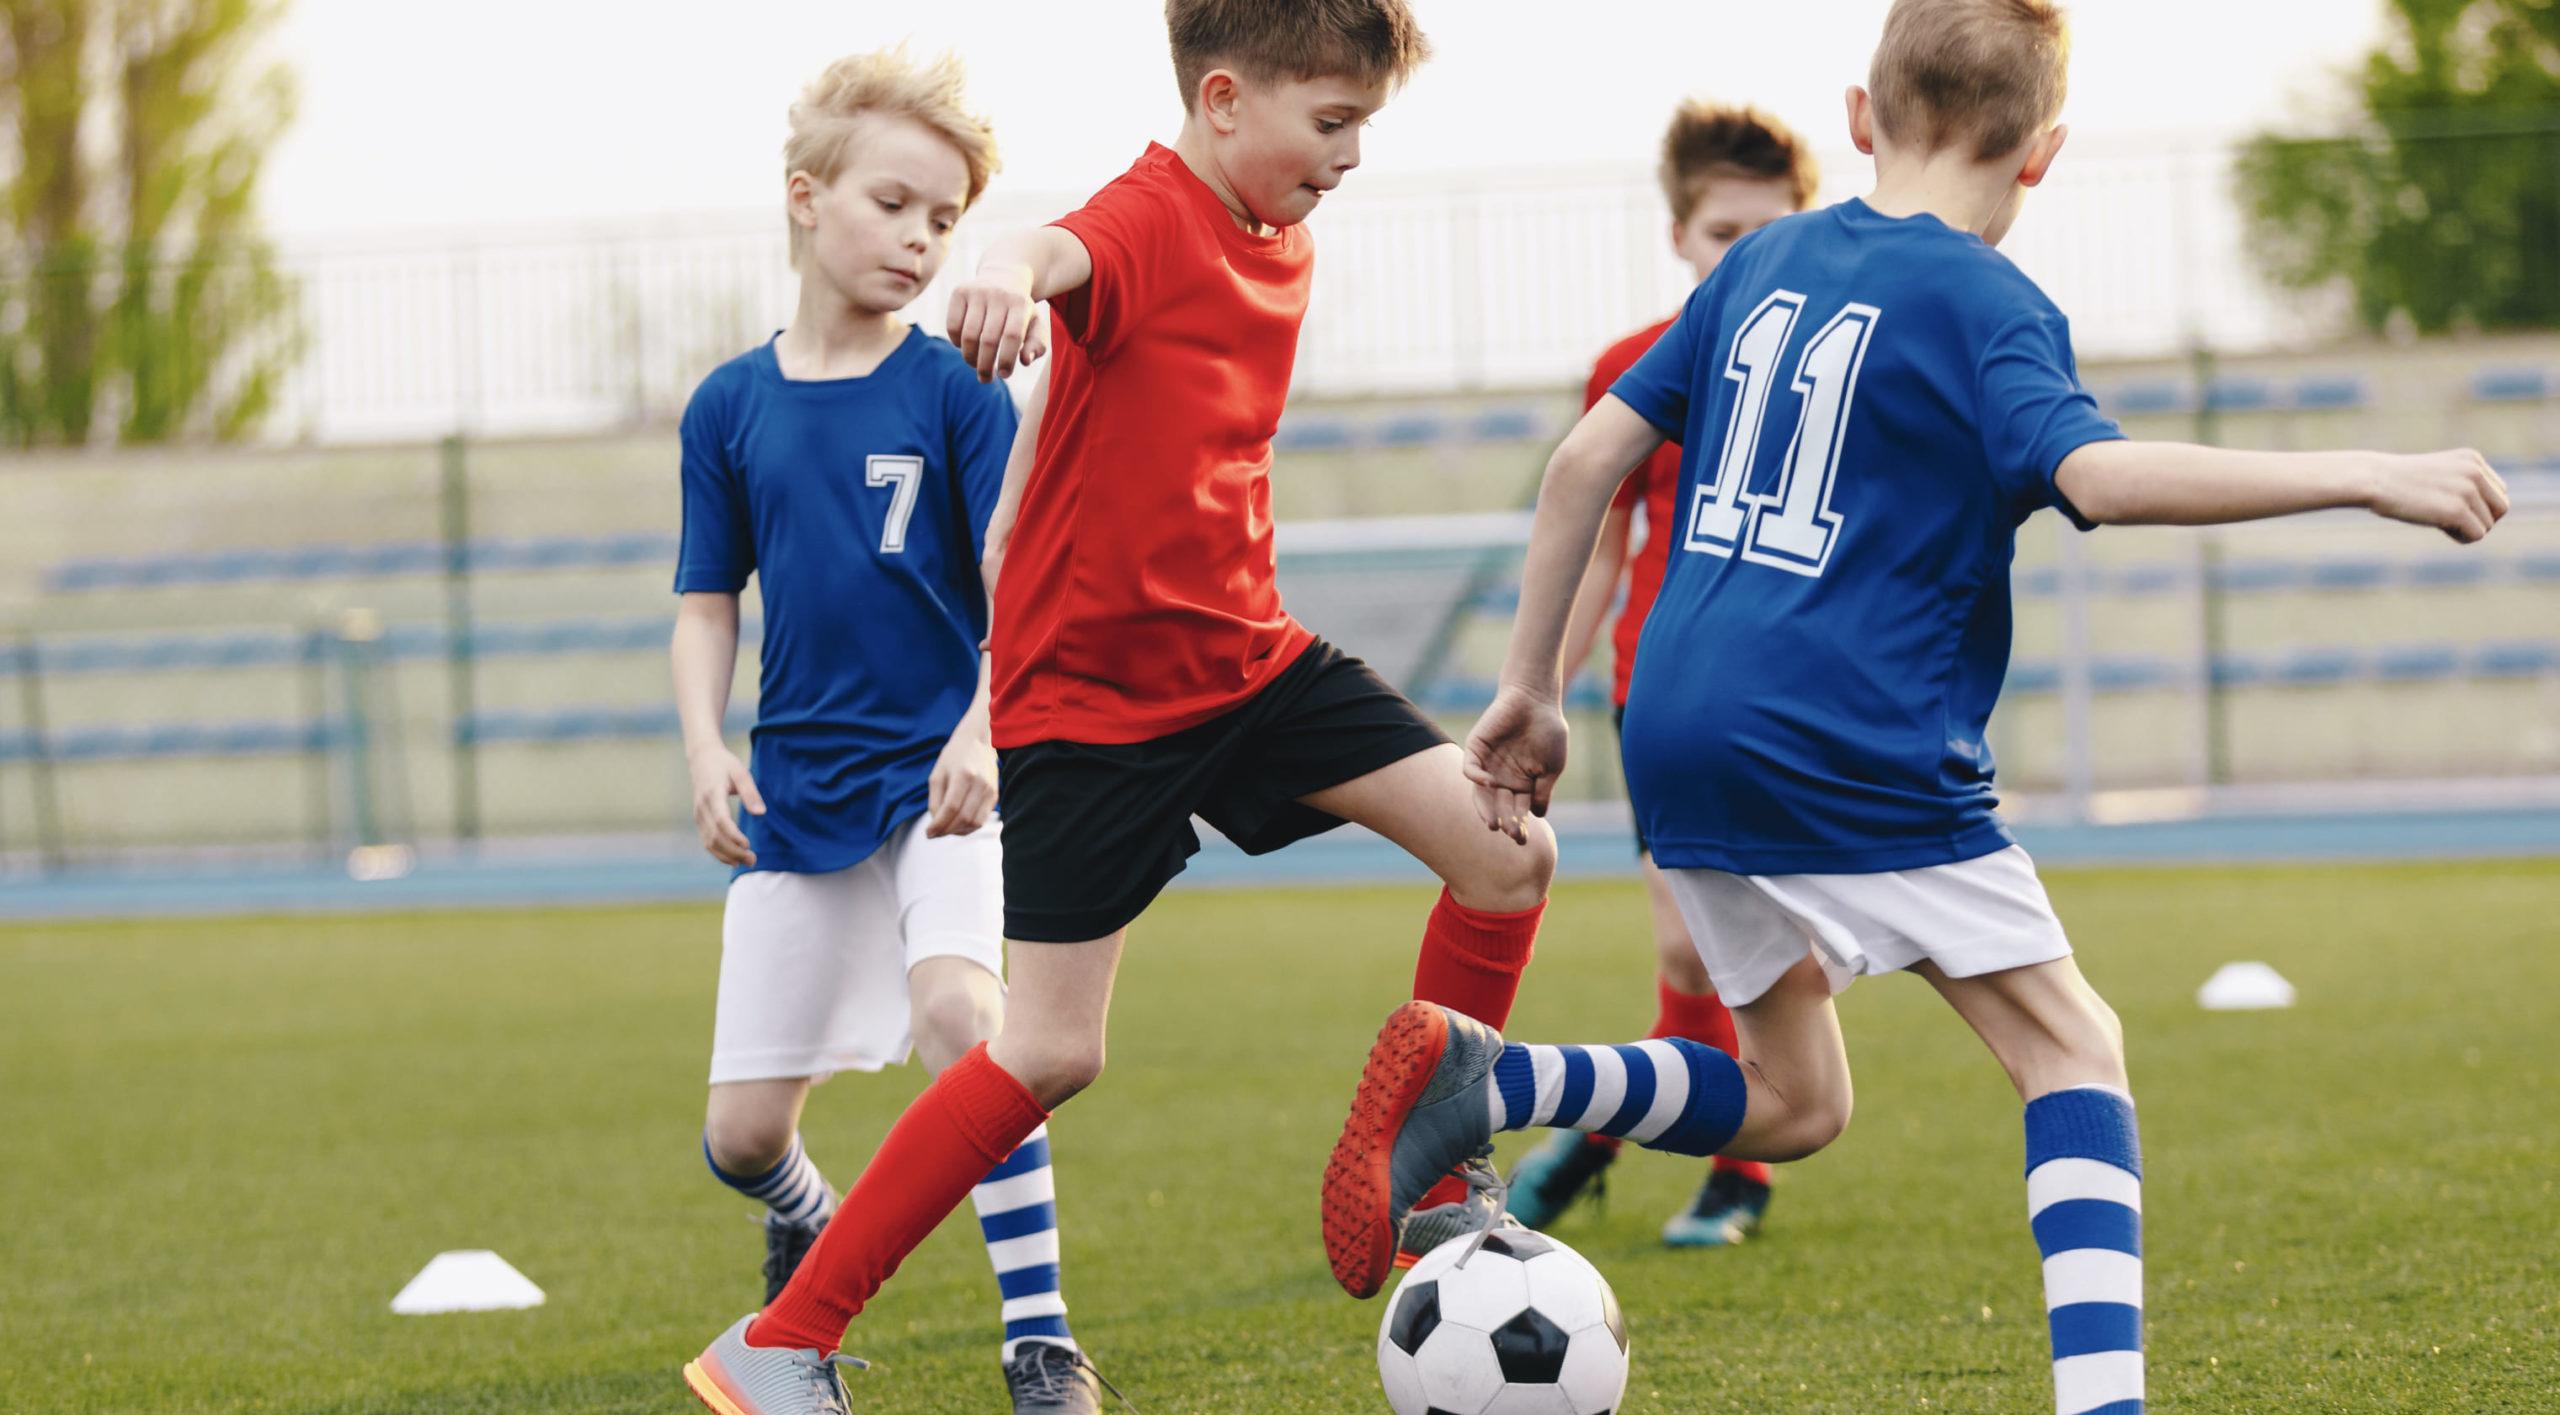 写真:小学生の男の子がサッカーをしている様子、ボールを蹴る瞬間